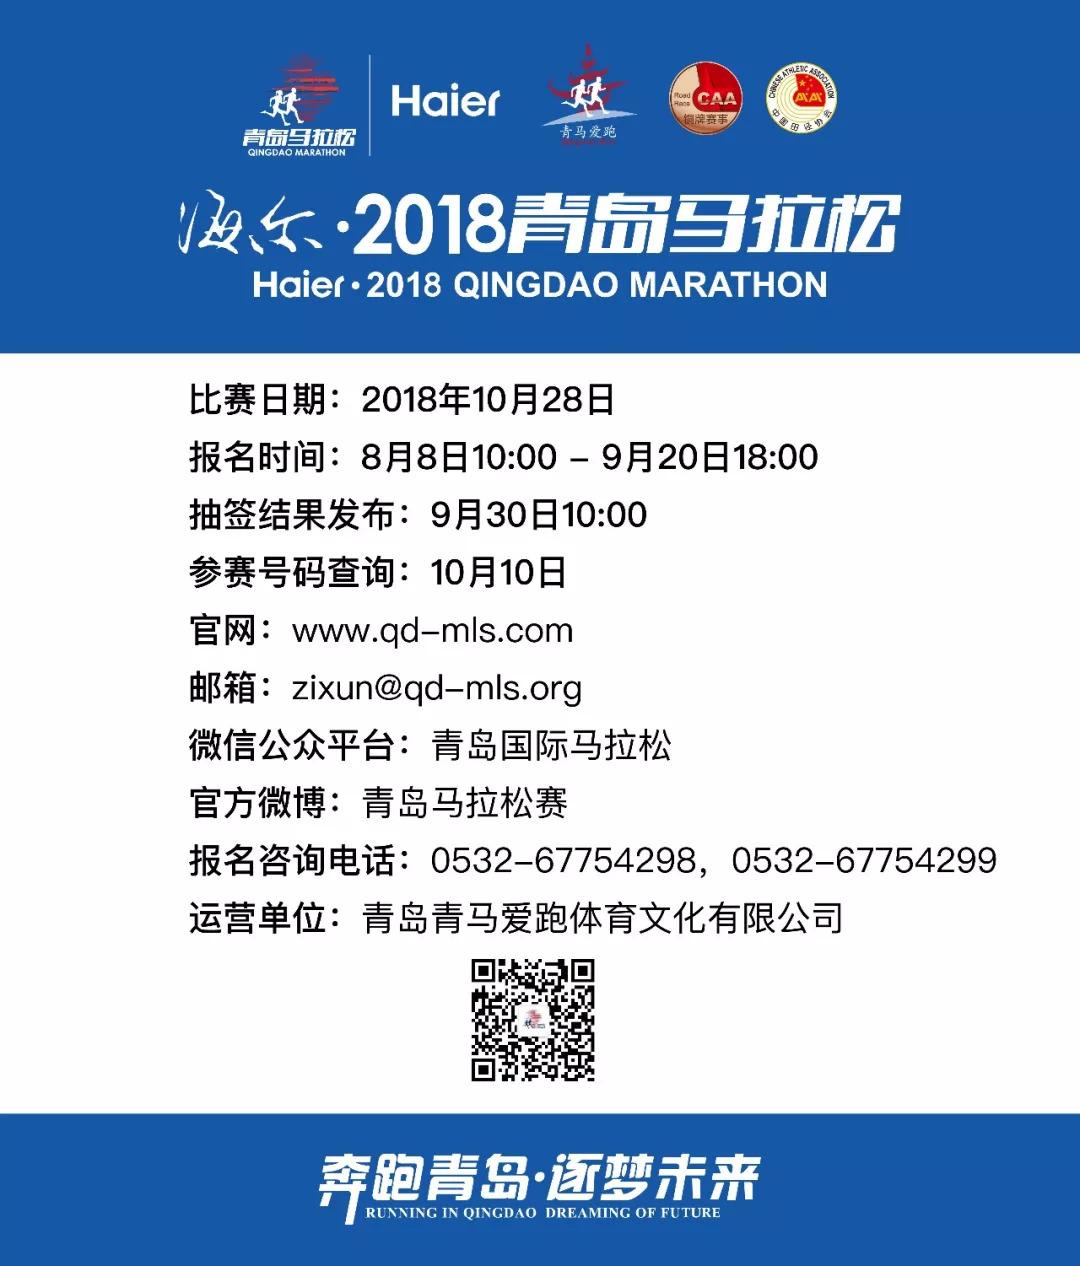 青岛马拉松定档10月28日 精典赛道惊艳奖牌曝光